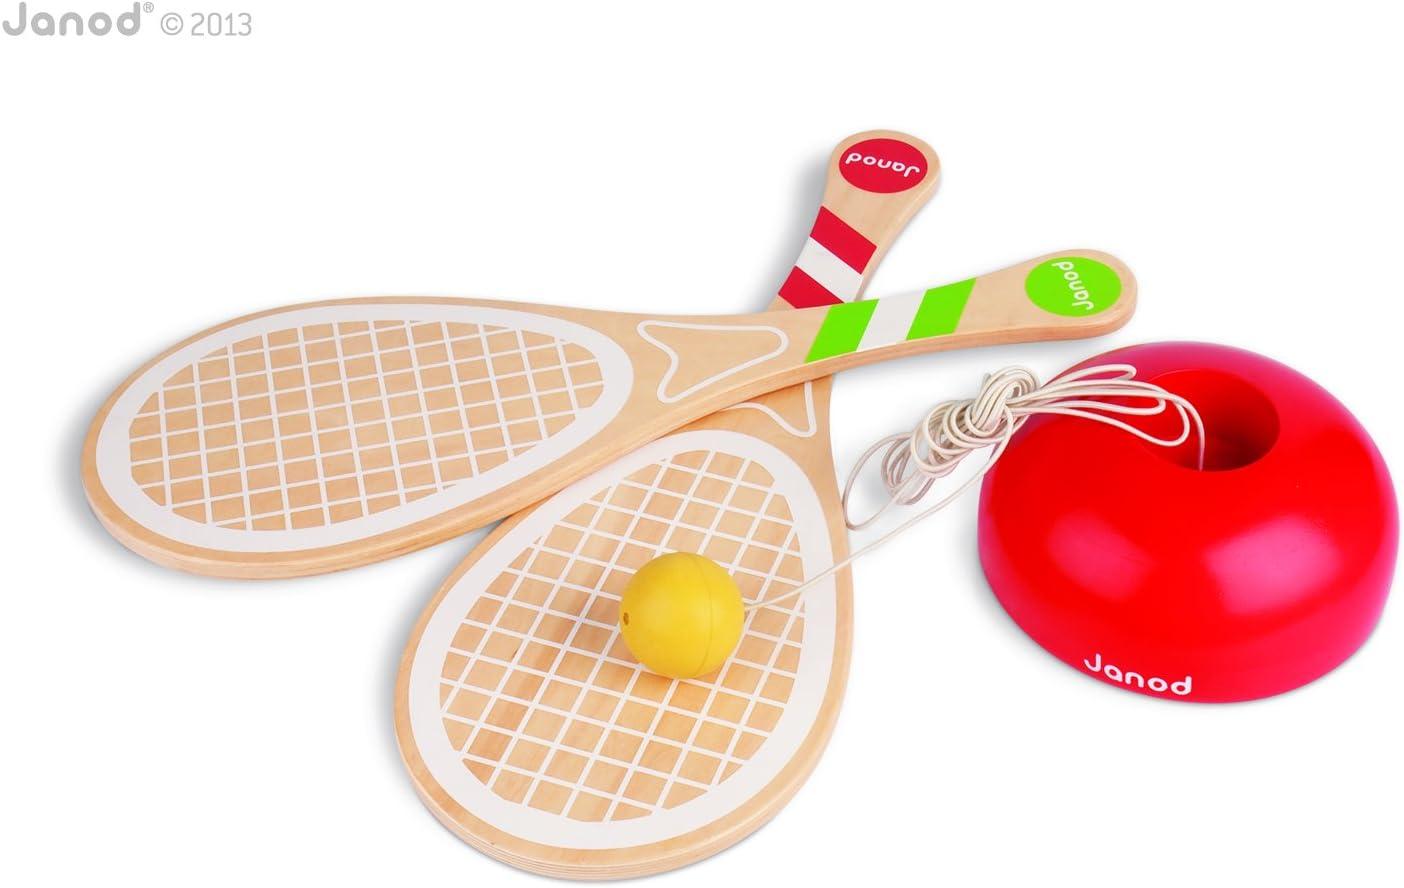 Janod 4503016 - Juego de tenis con raquetas de madera [importado ...